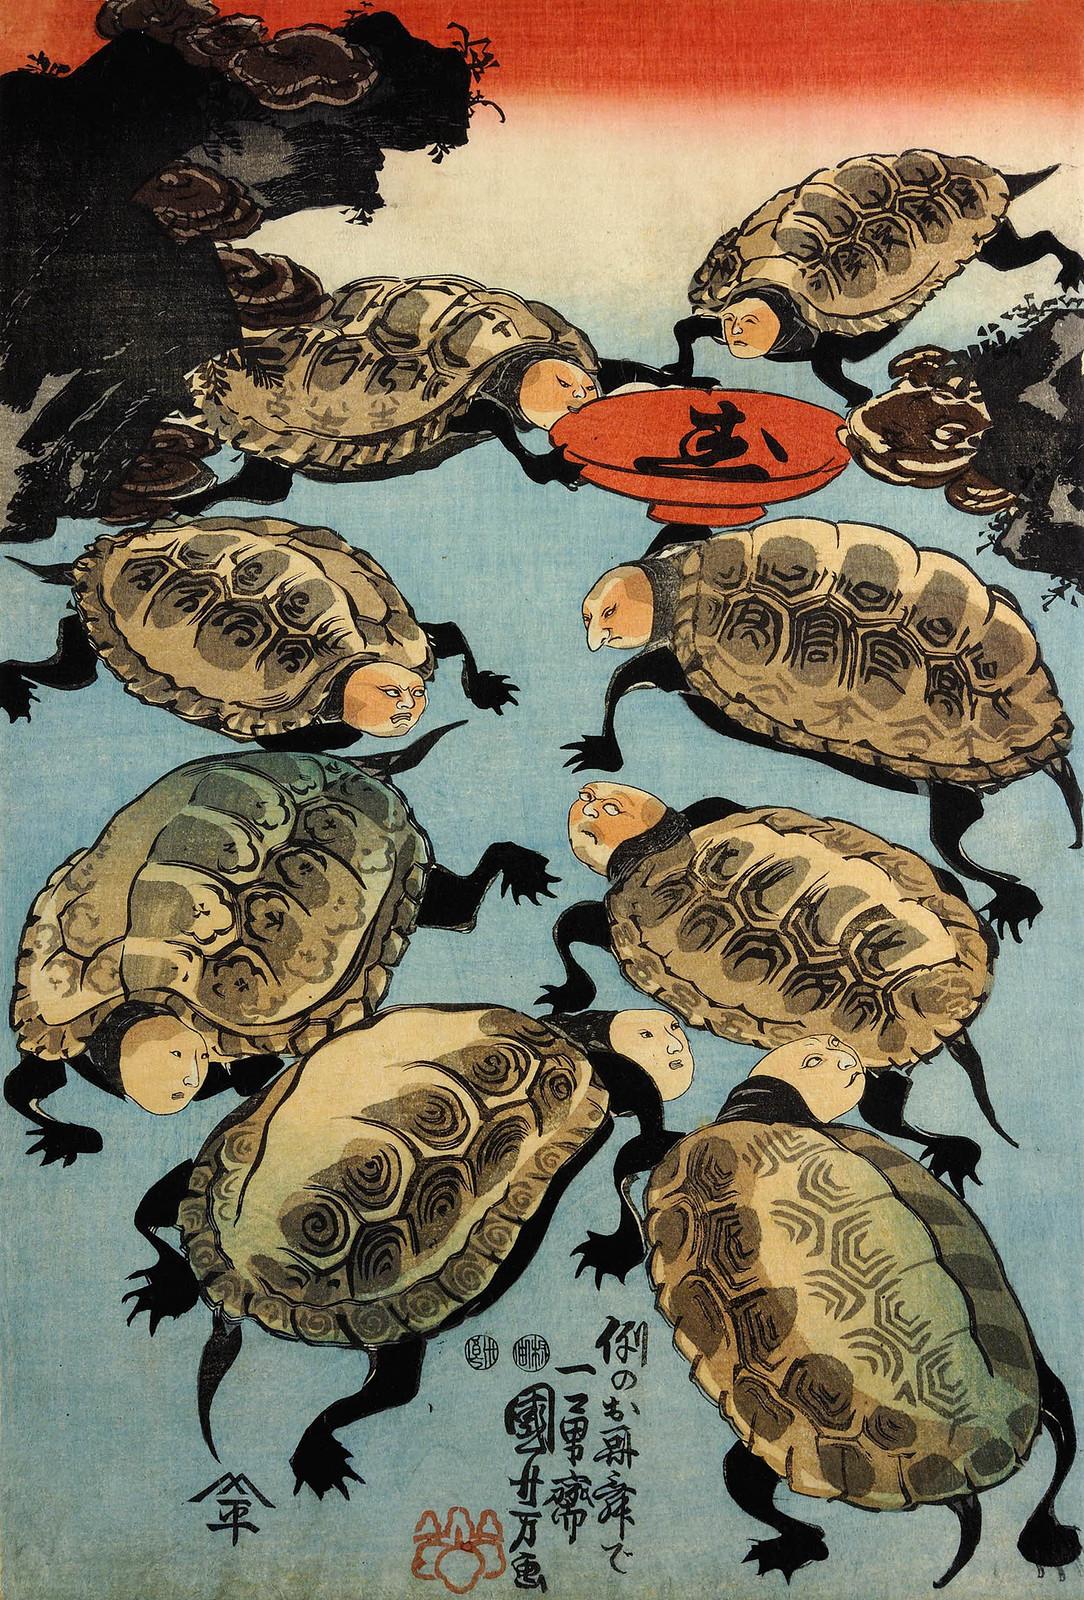 Utagawa Kuniyoshi - Ki-ki myo-myo (Strange and Marvelous Turtles of Happiness) 1847-52 (middle panel)